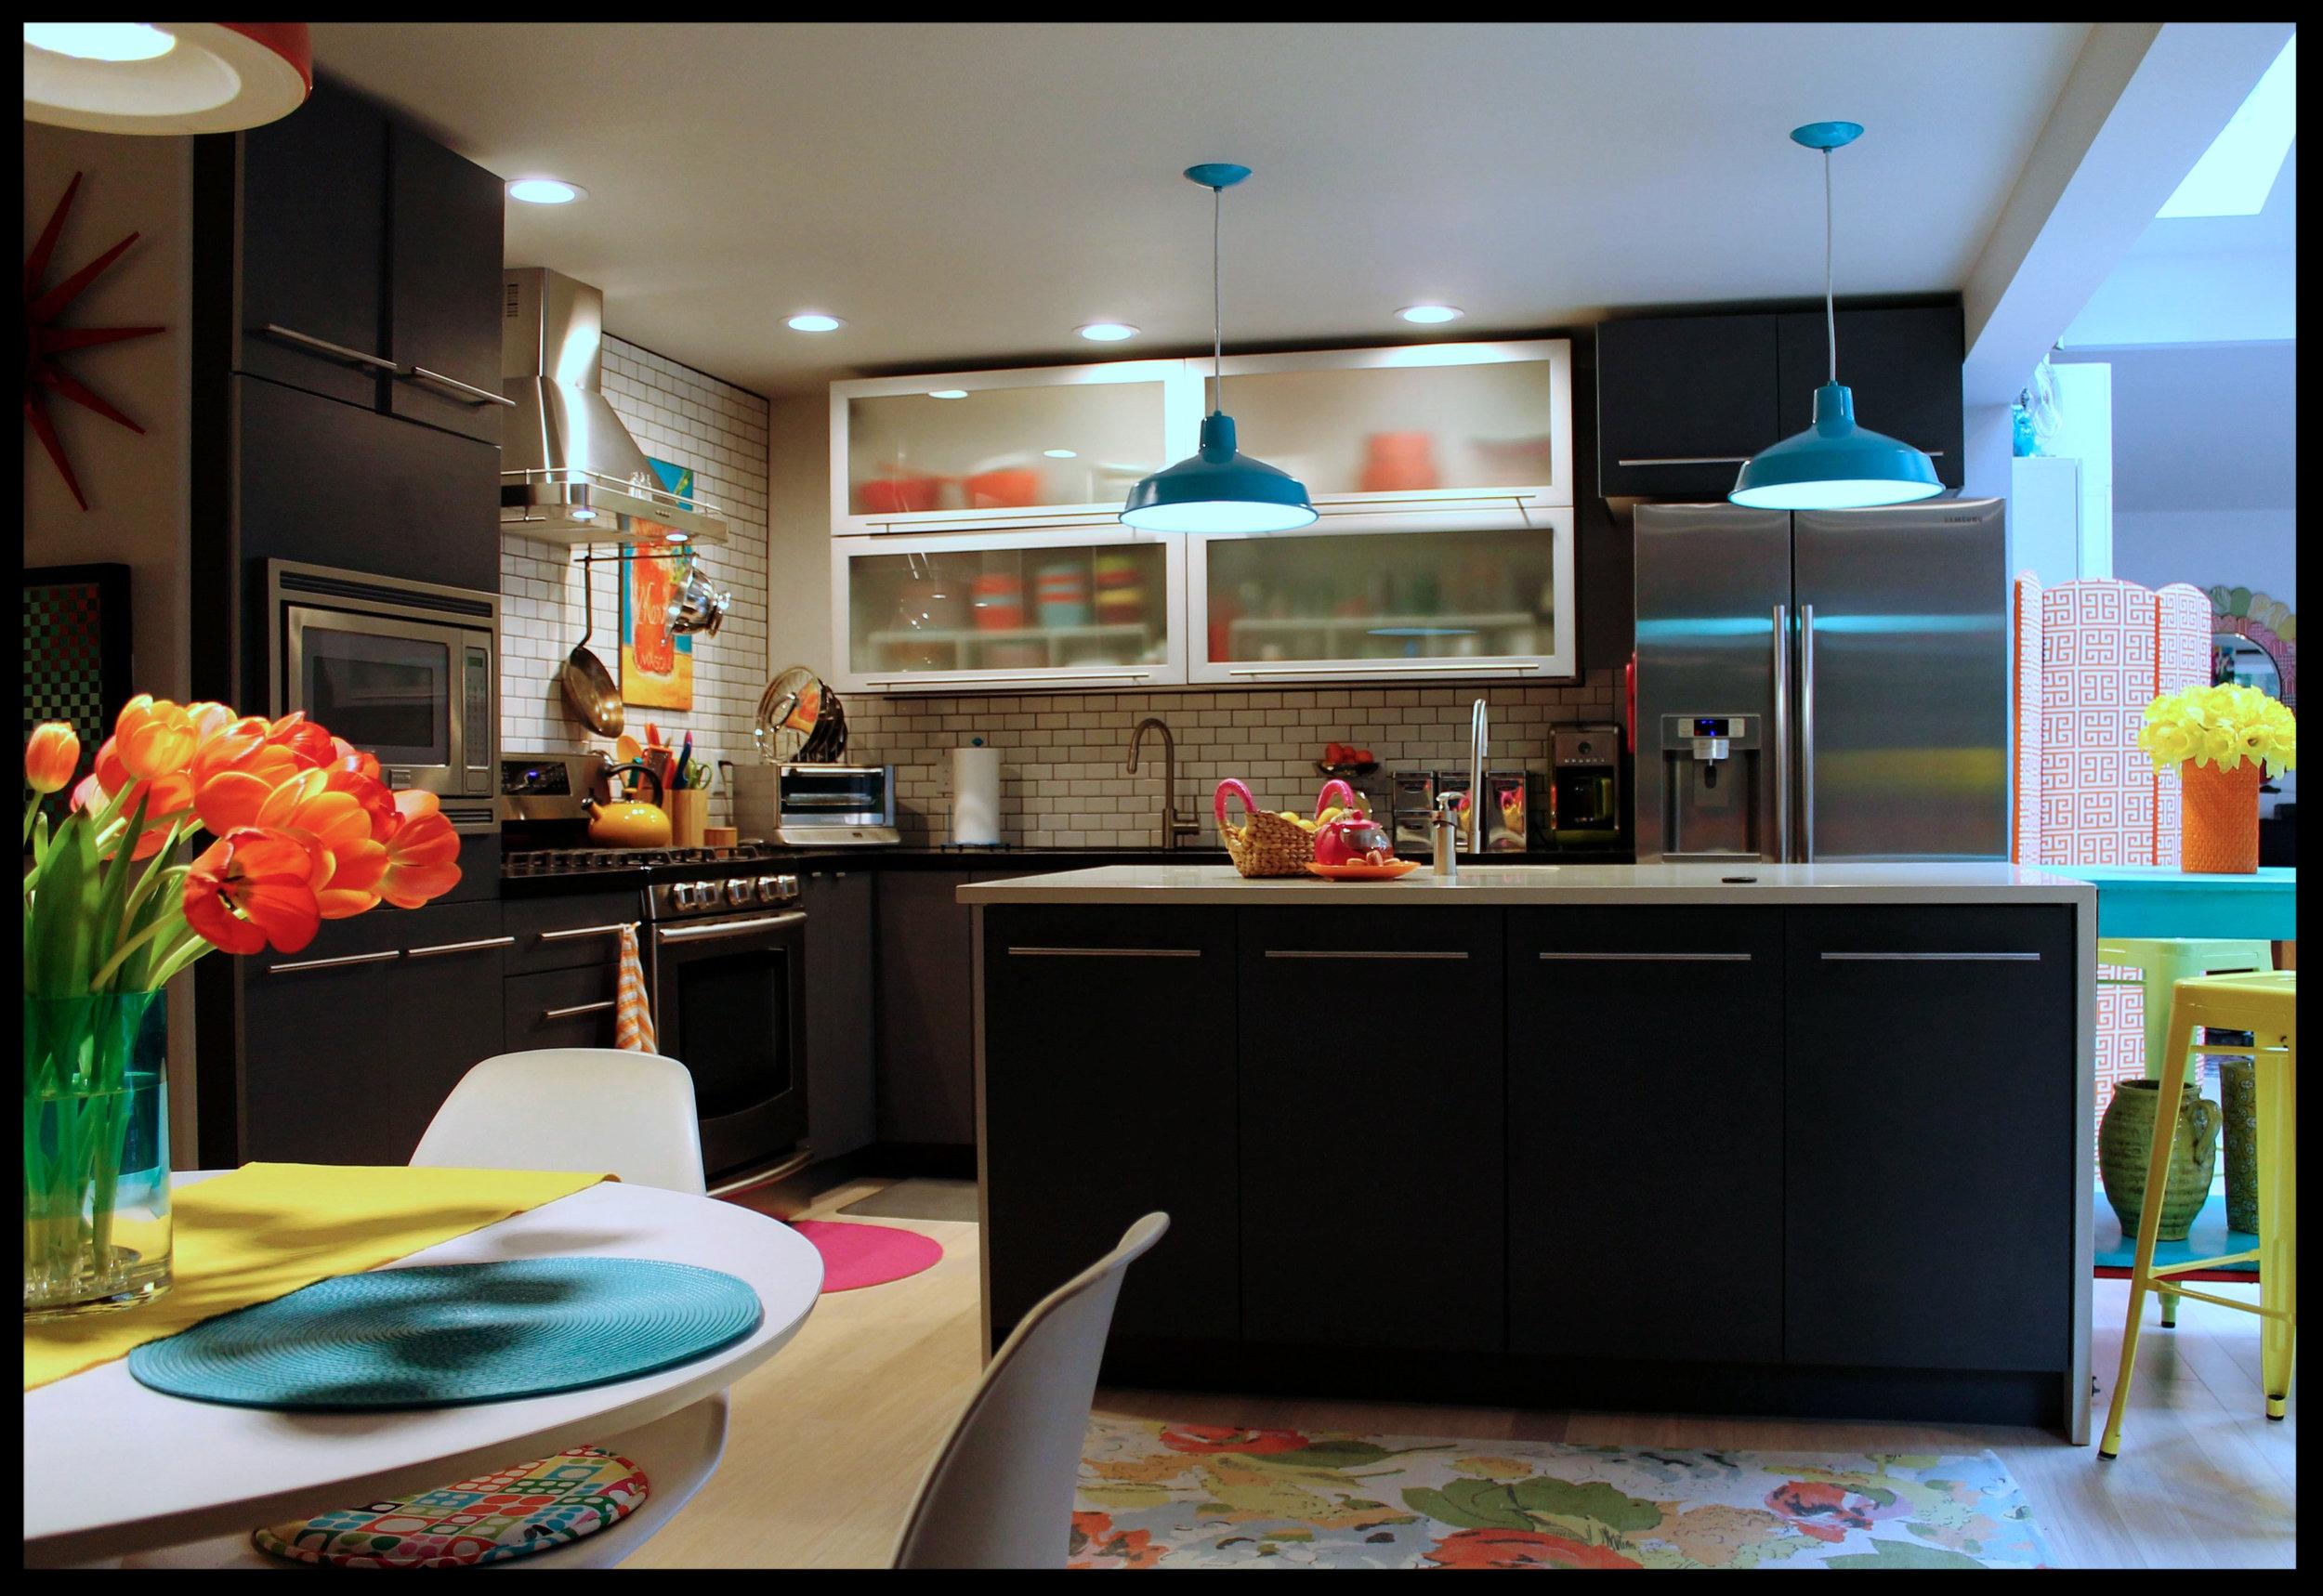 kitchen-012.jpg